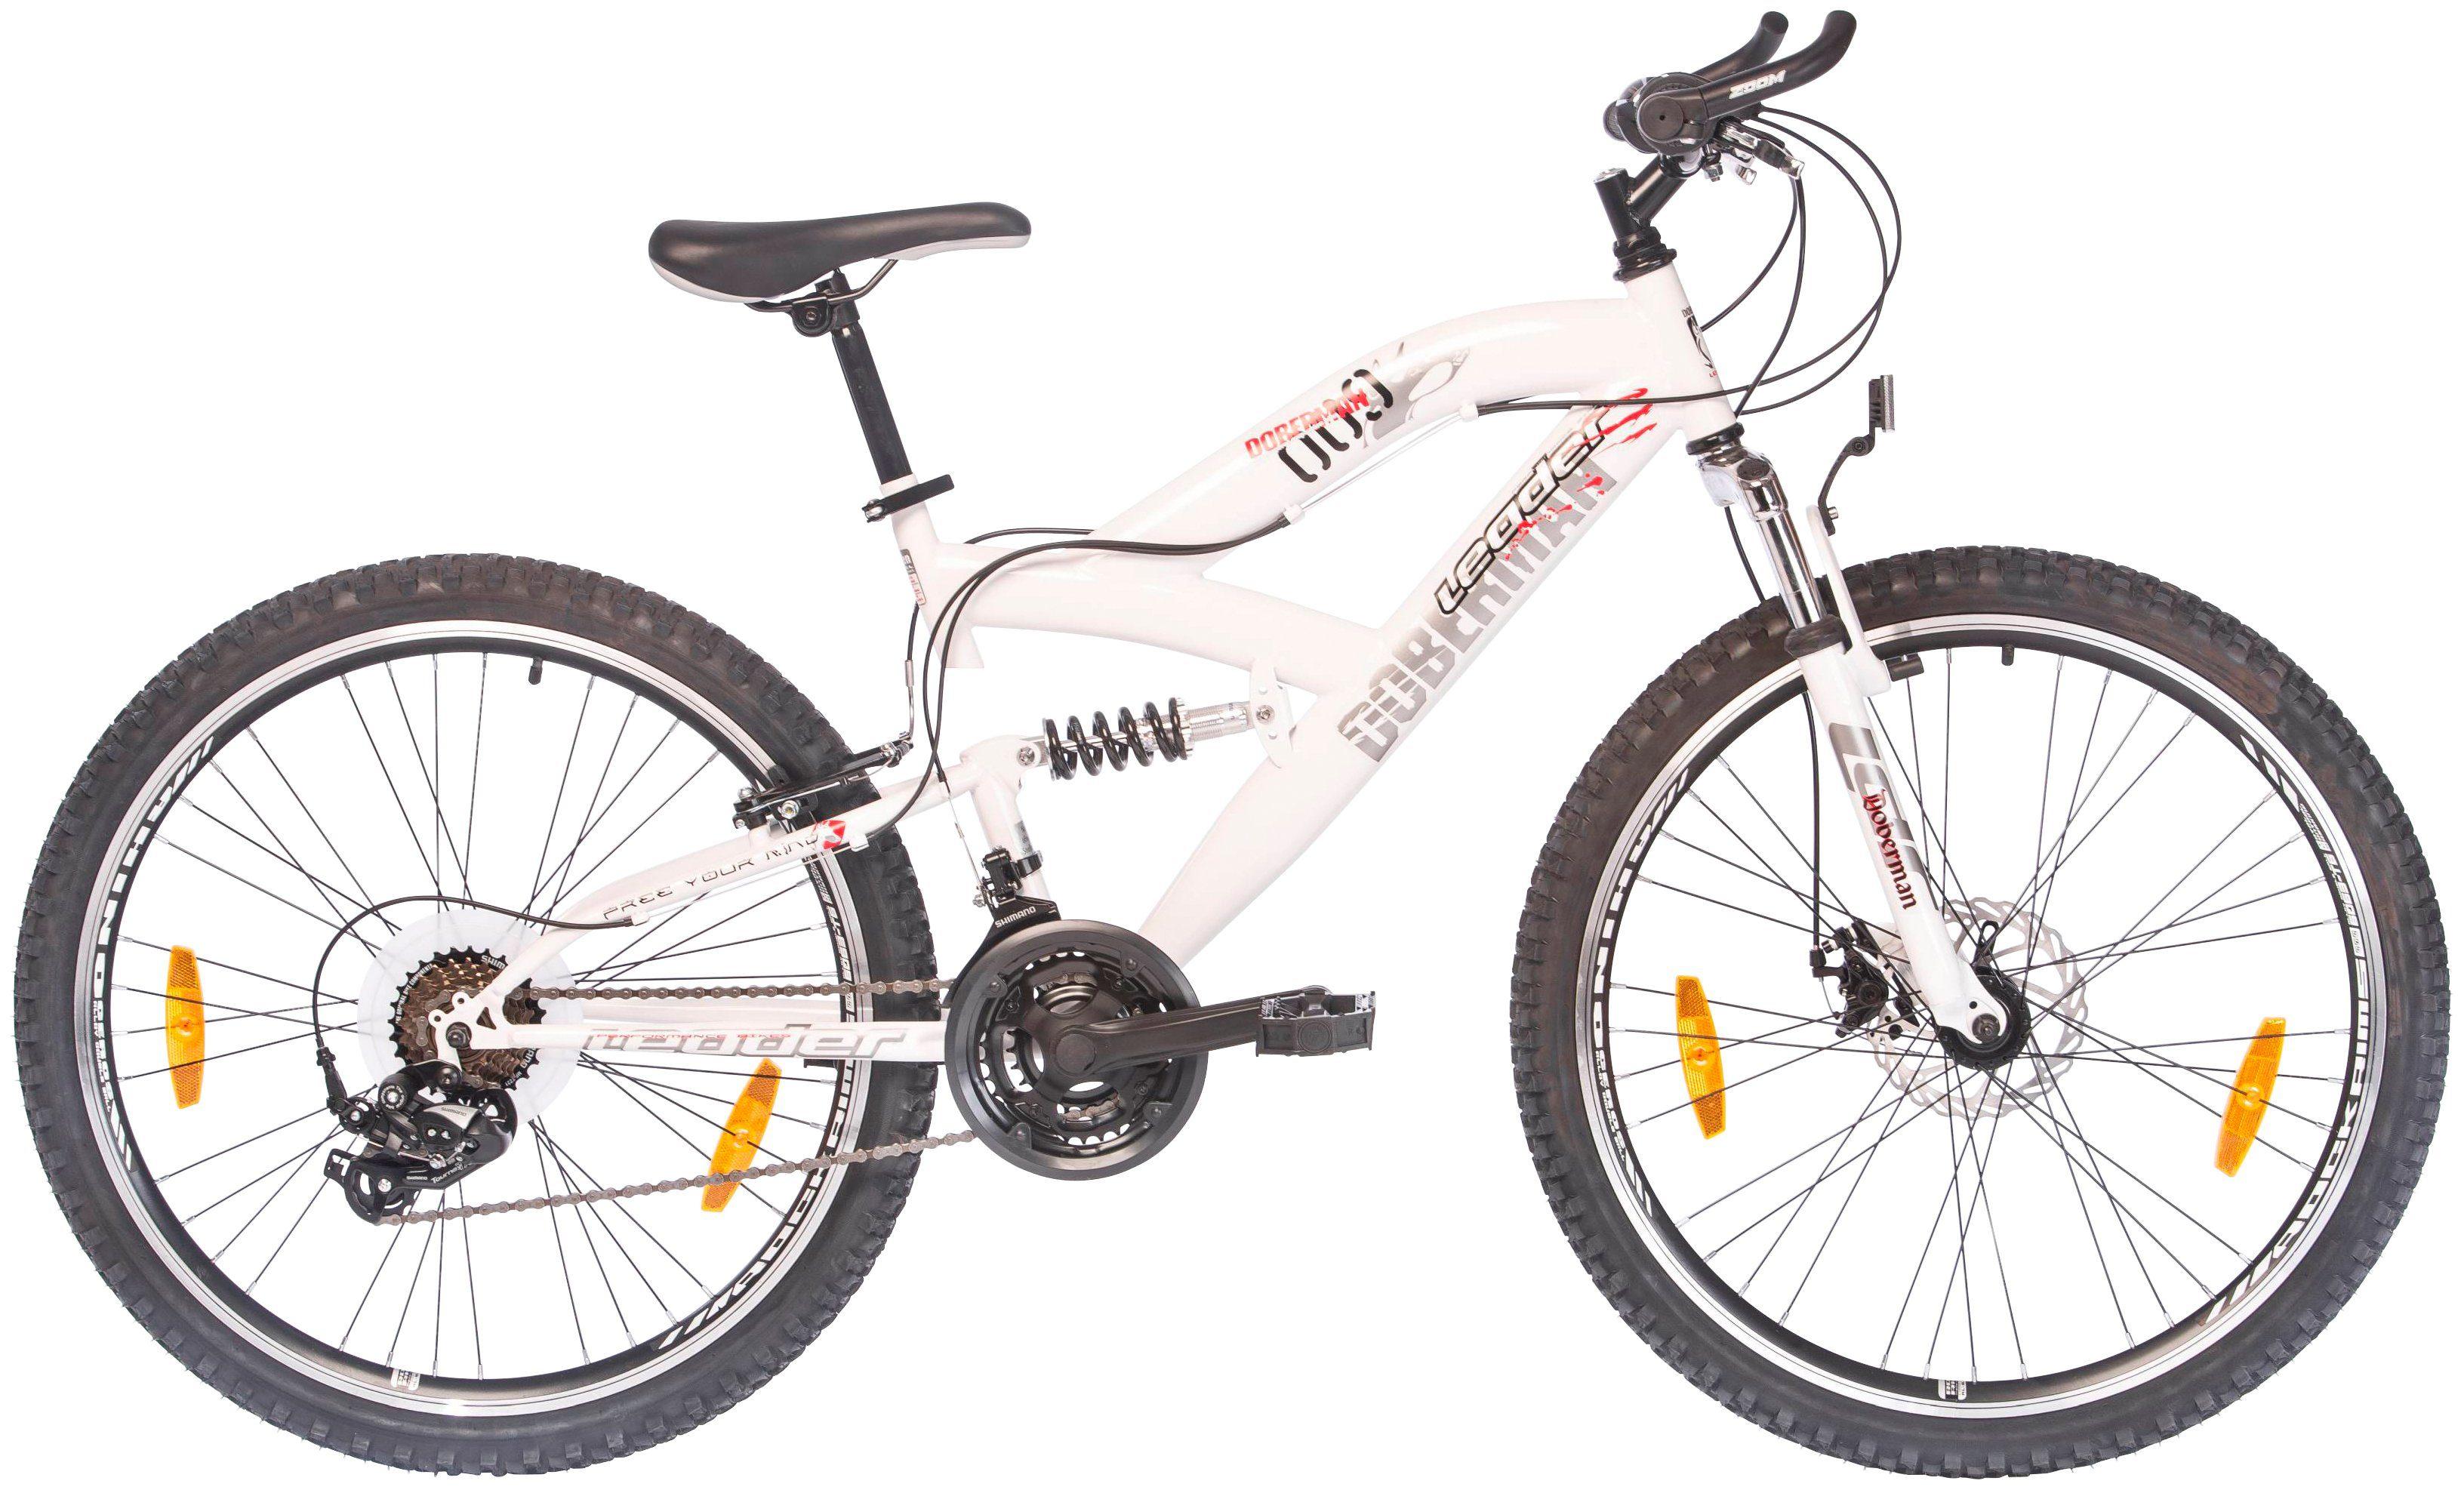 ONUX Mountainbike »Doberman«, 26 Zoll, 21 Gang, Scheibenbremse